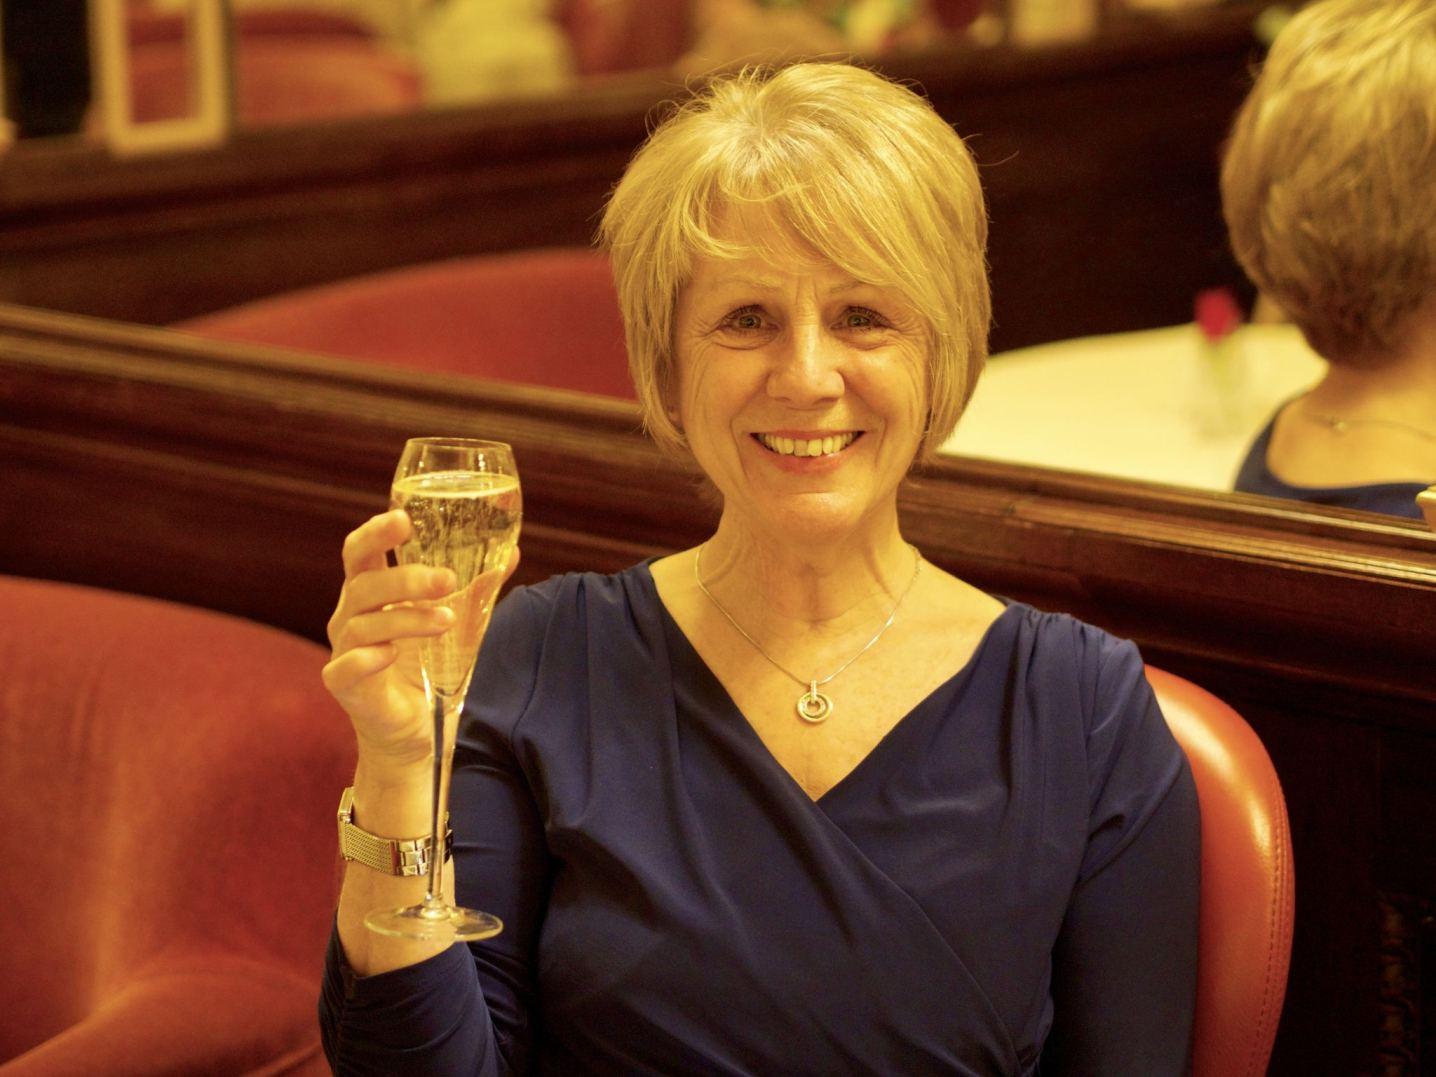 Mum enjoying her champagne